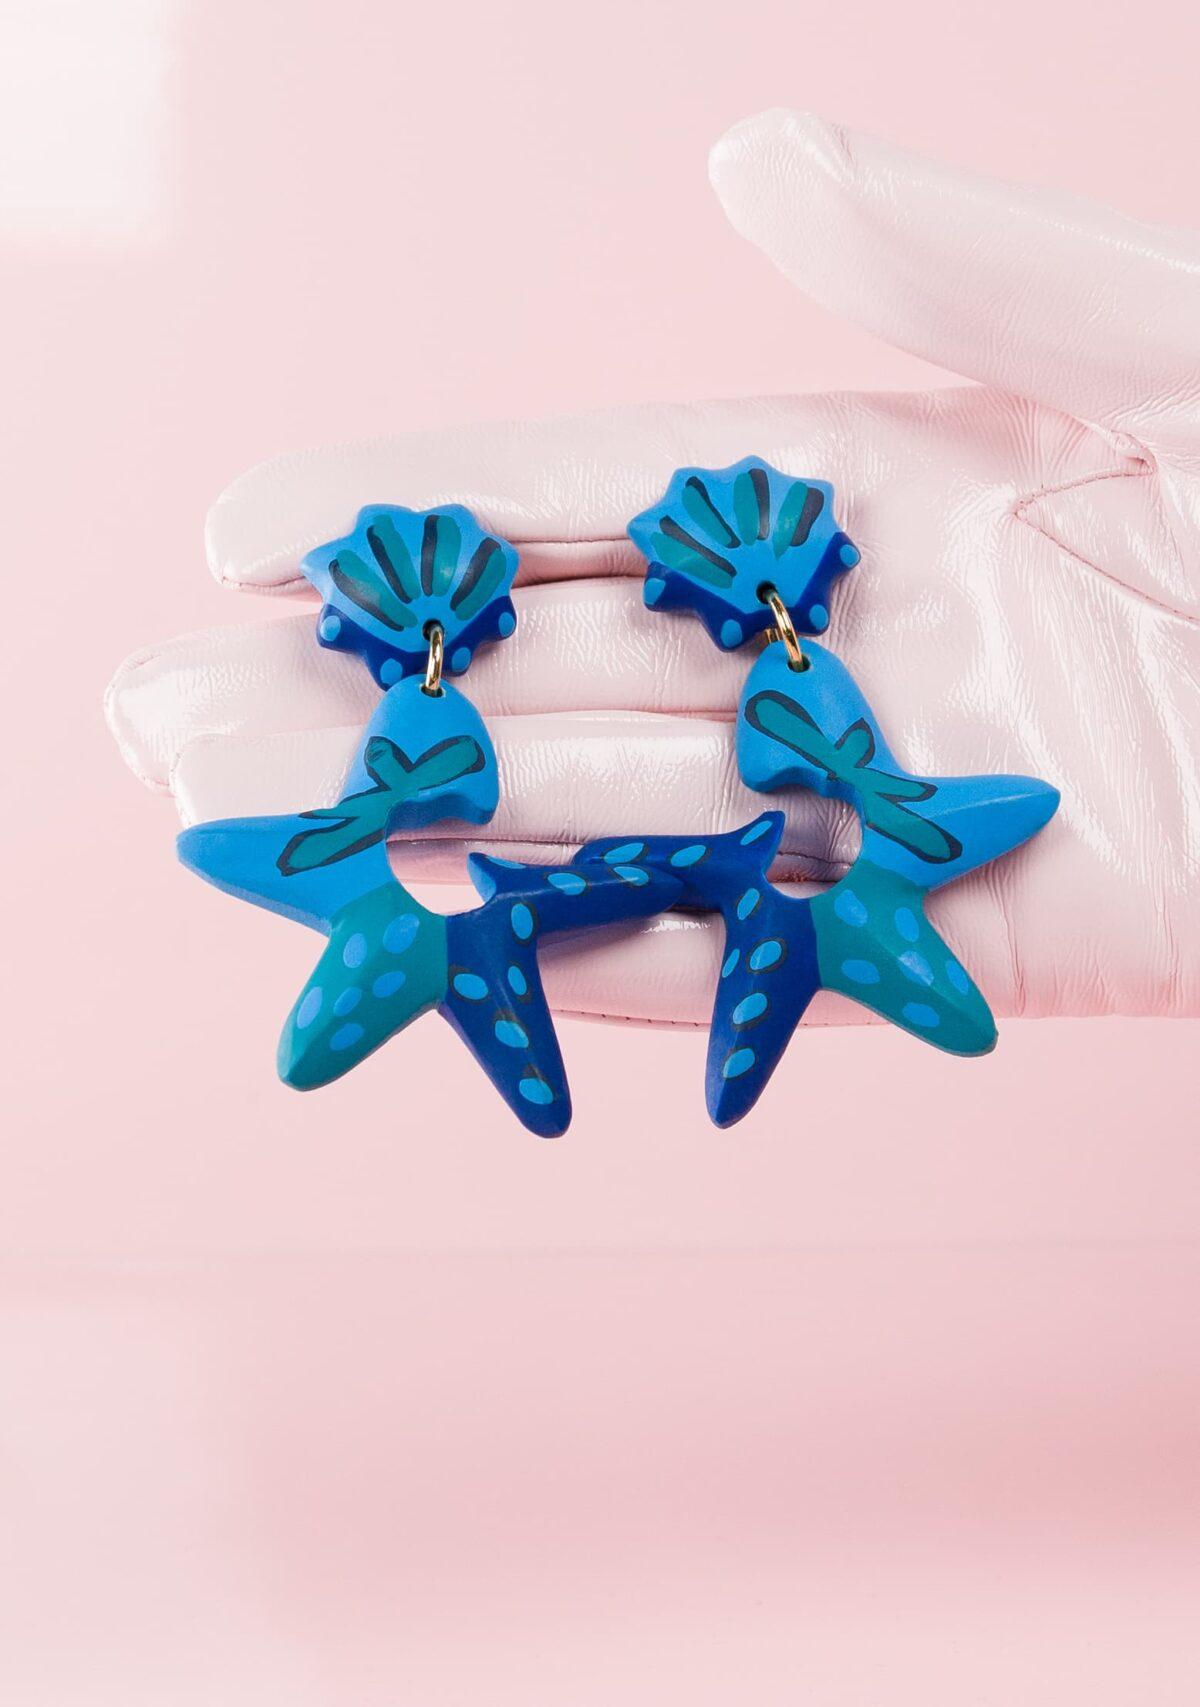 Blue wooden drop earrings